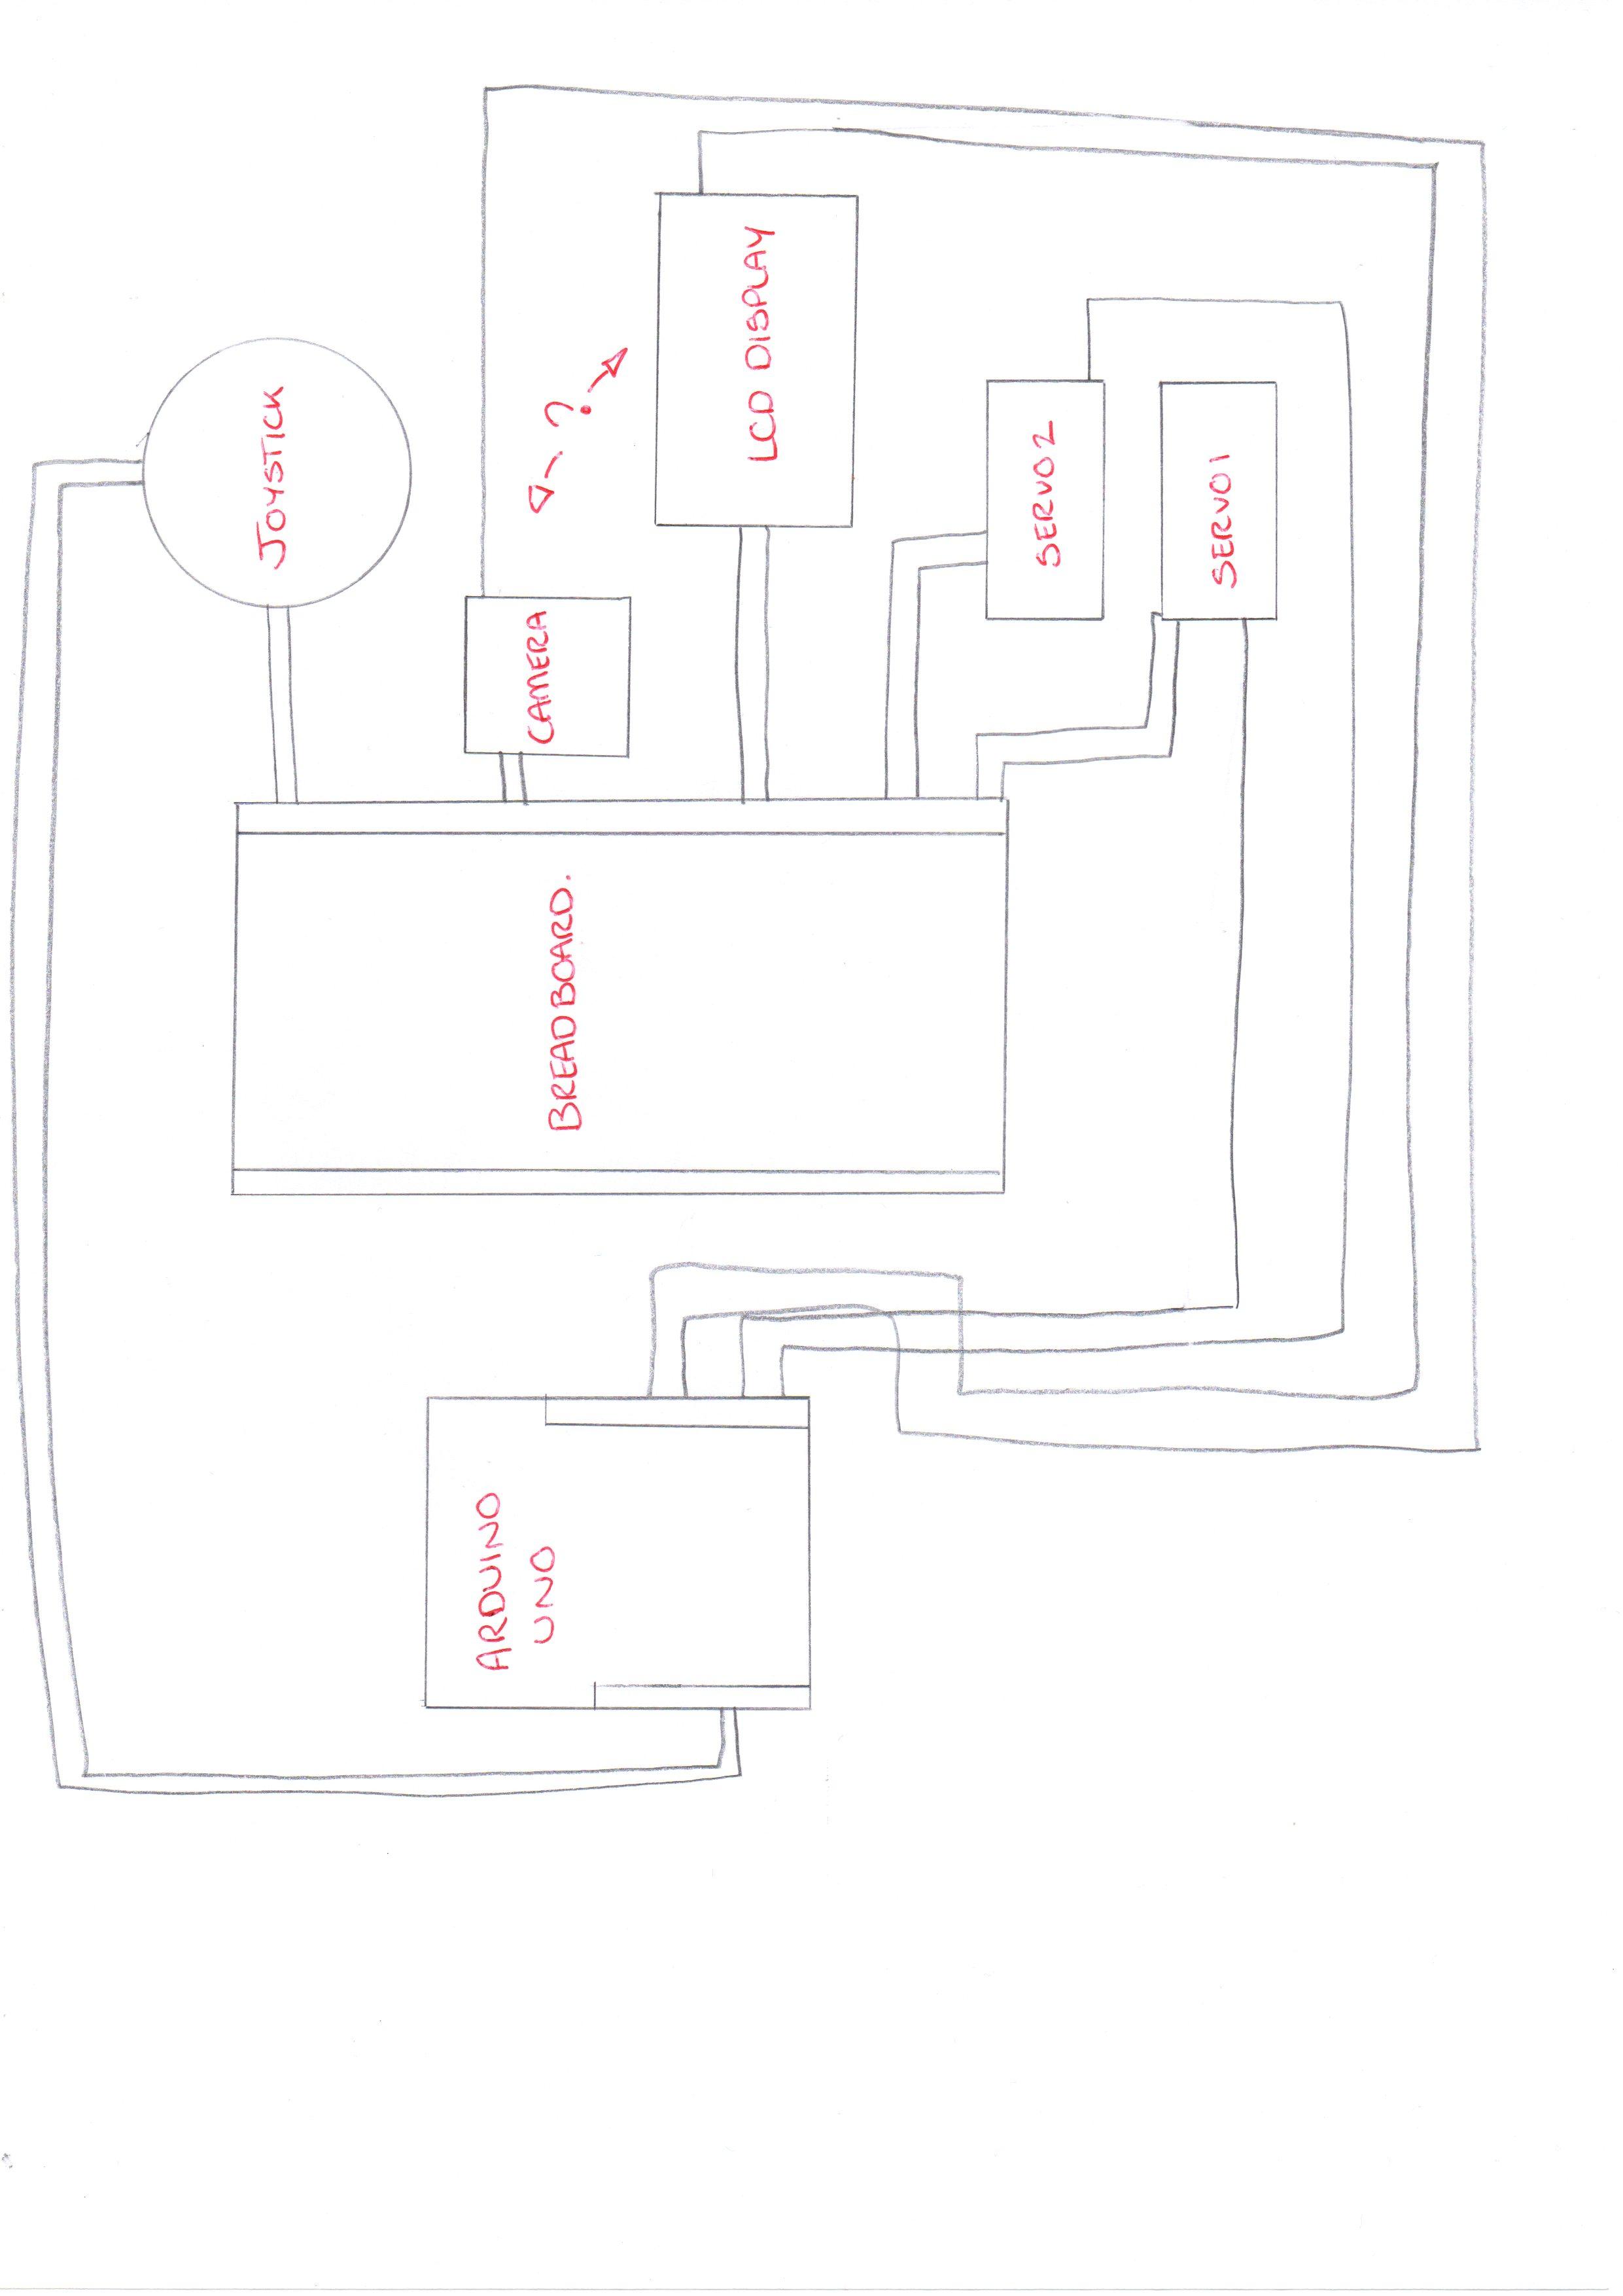 Arduino Camera Sketch